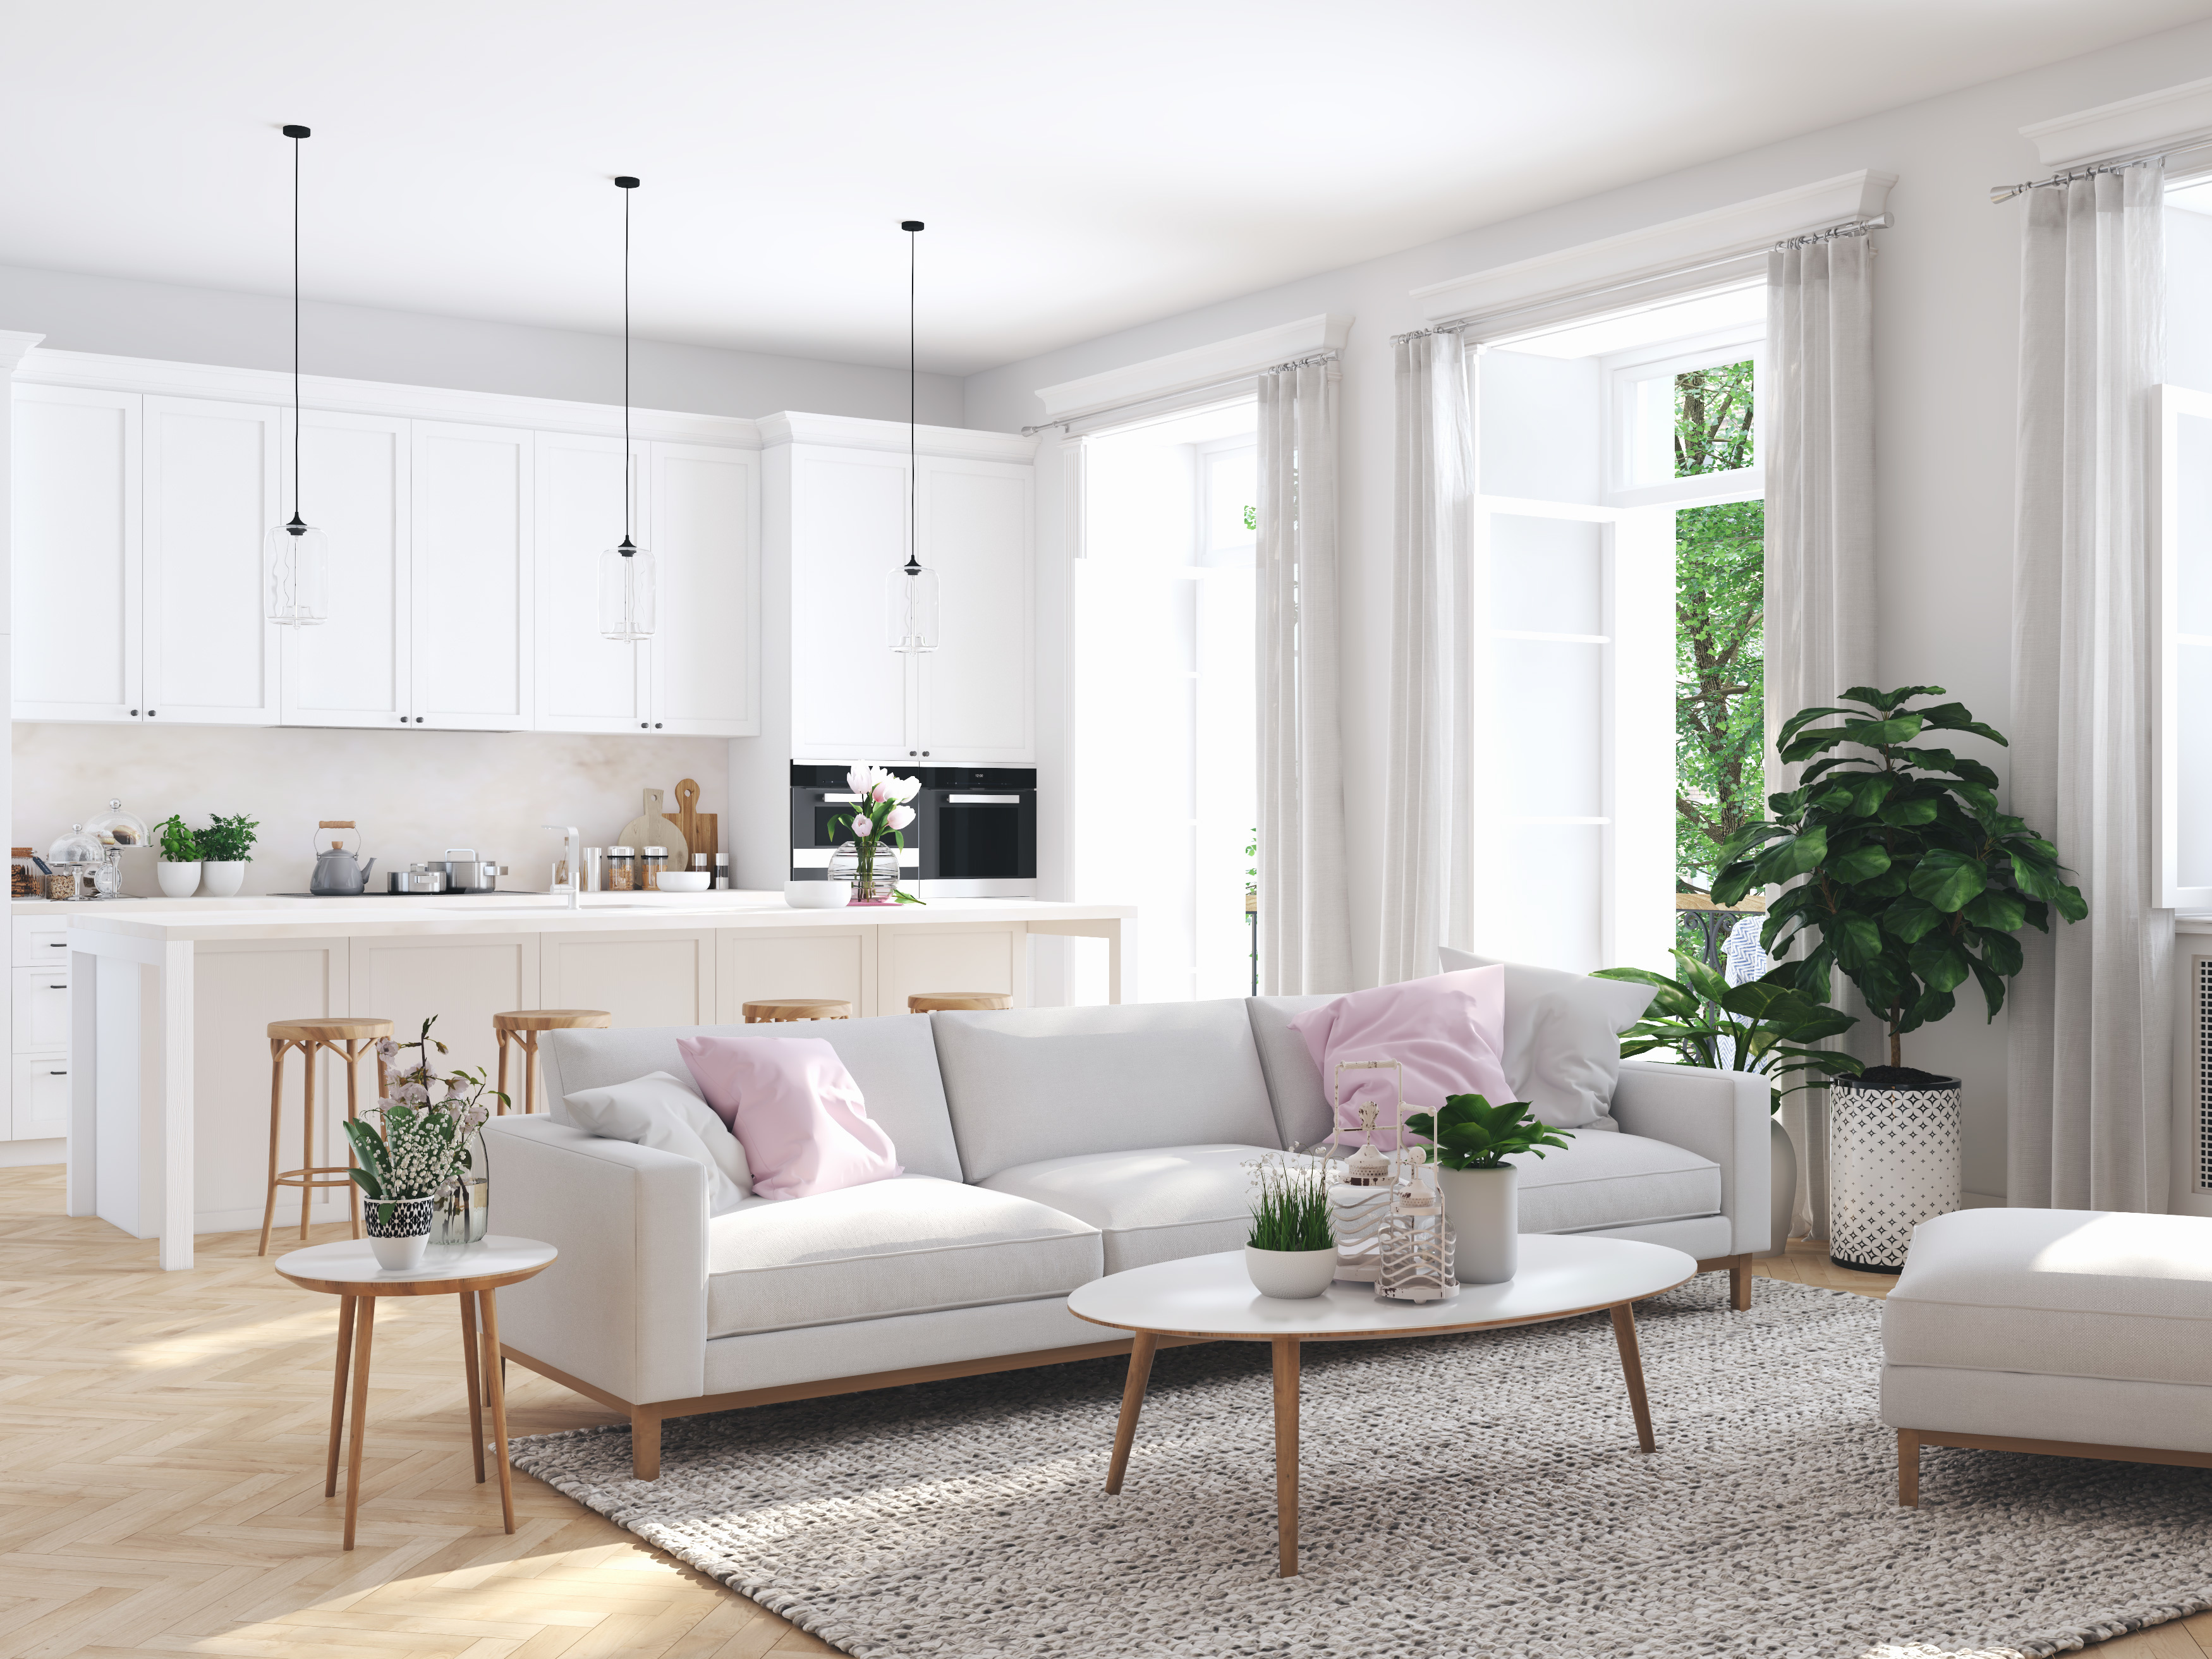 Lo Space Senza Pareti 5 combinazioni colore per dividere la cucina dal soggiorno